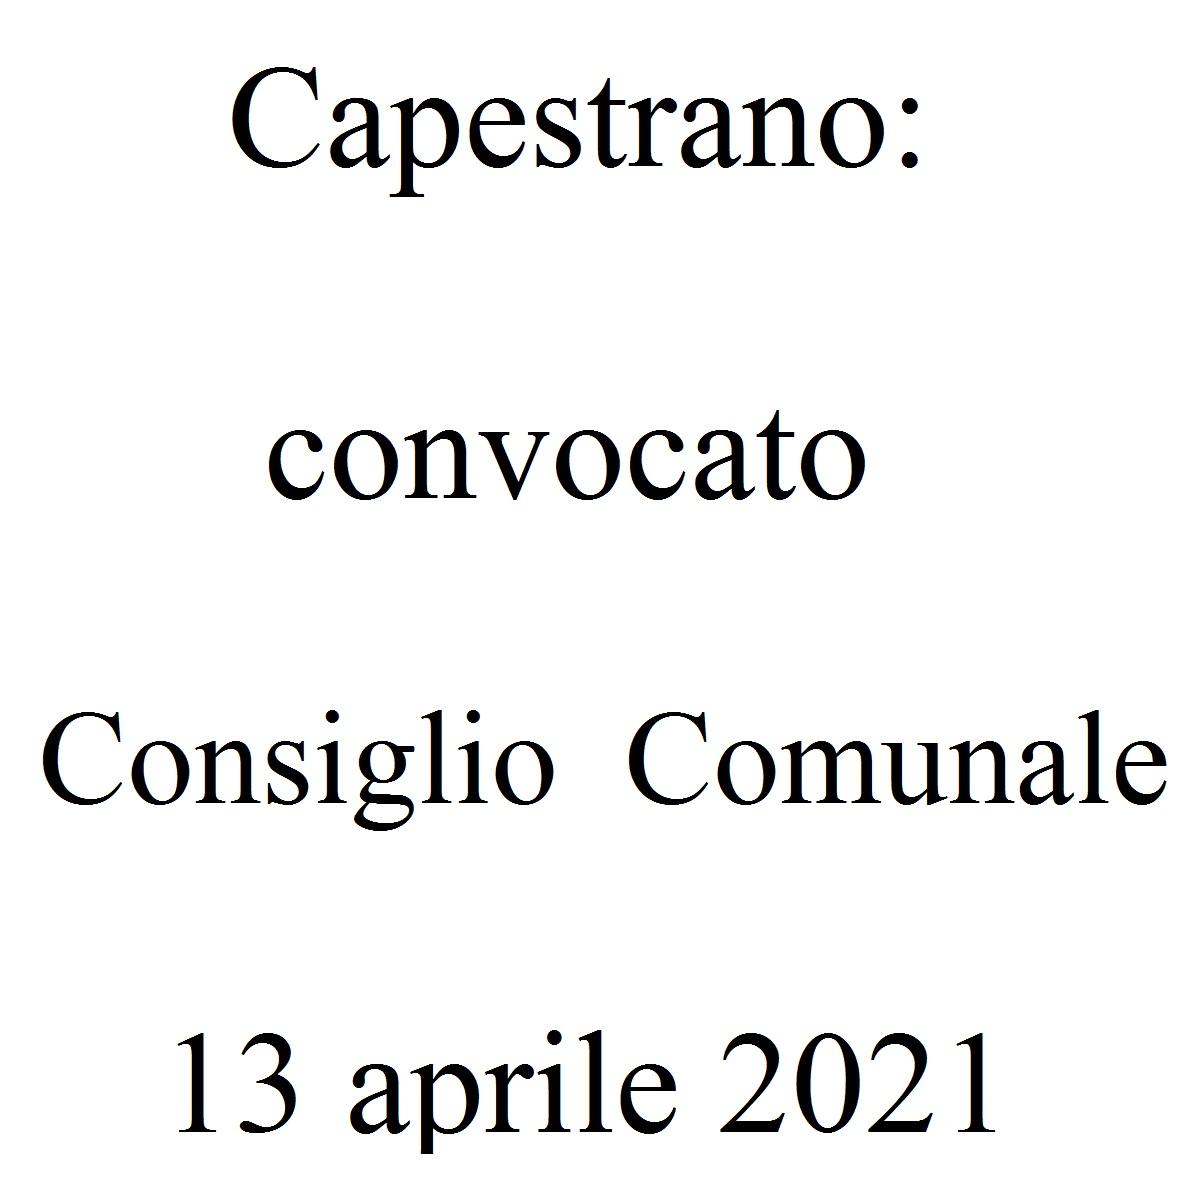 Capestrano convocato Consiglio Comunale 13 aprile 2021 foto